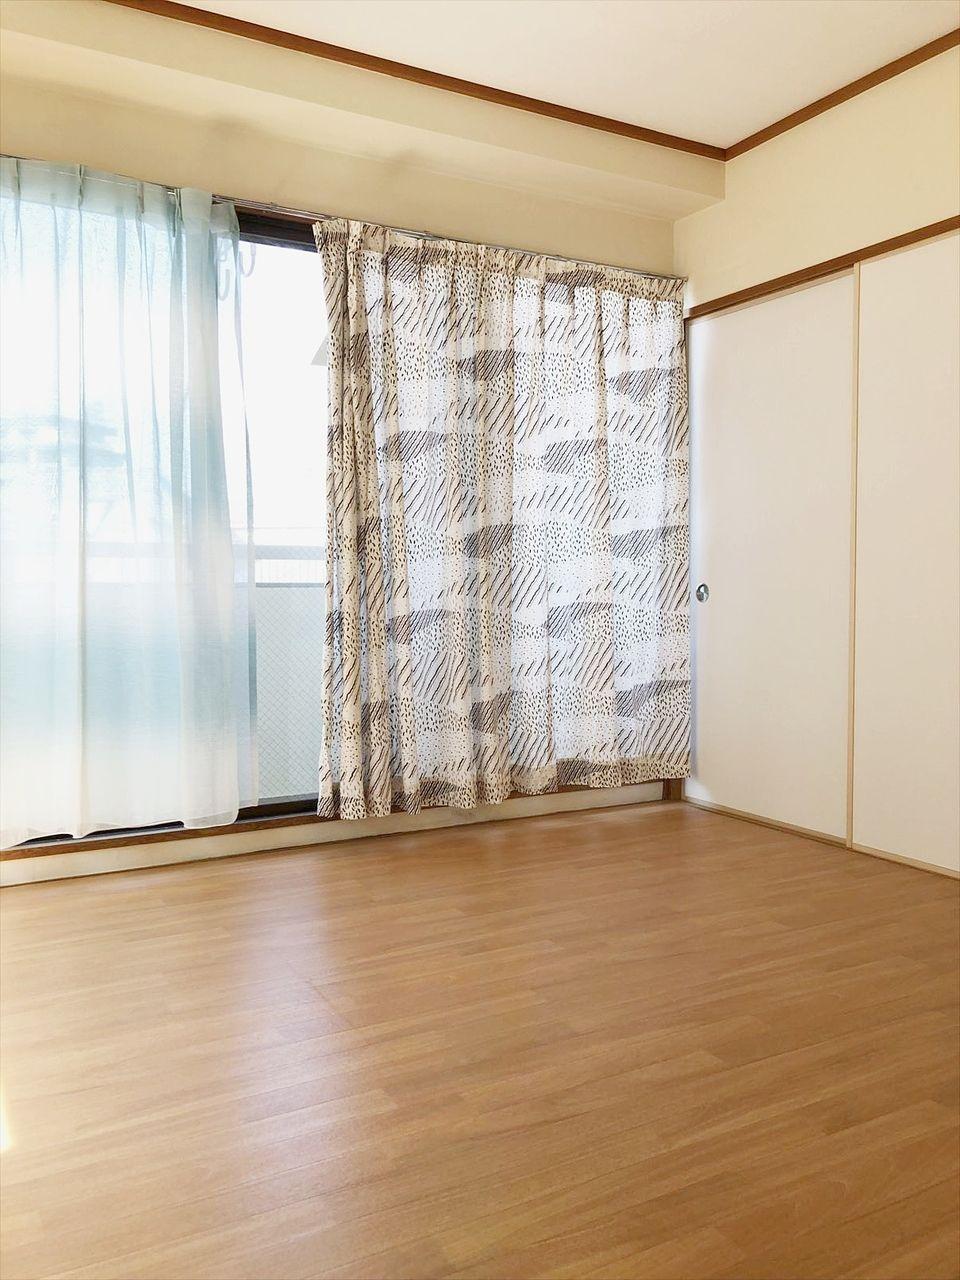 お部屋の入り口からみた洋室の風景です